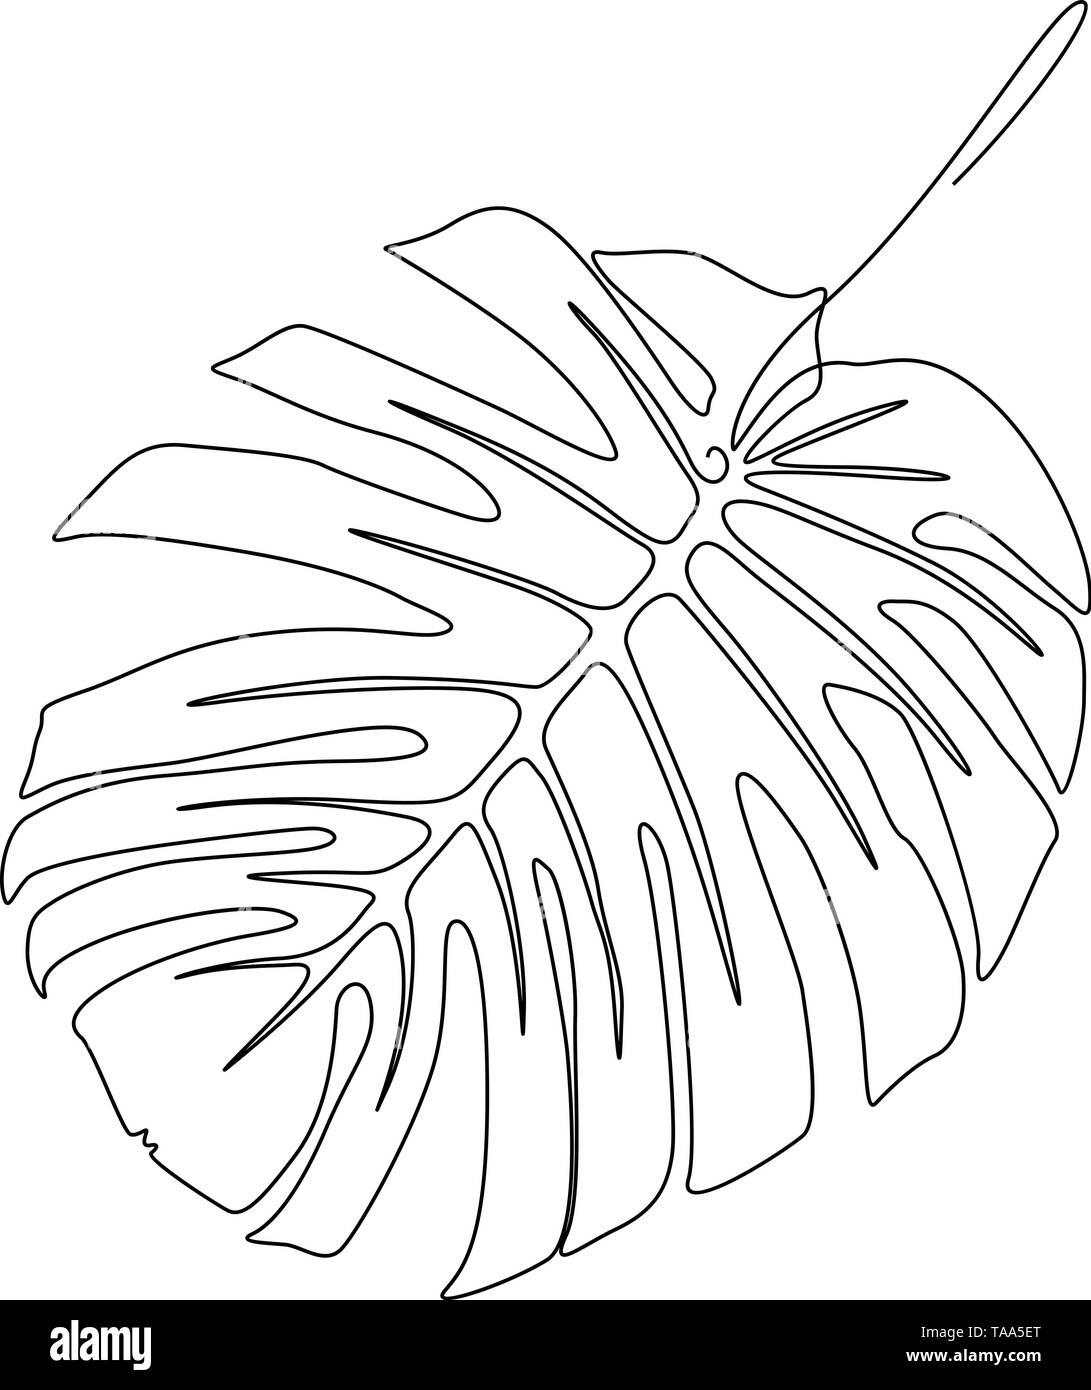 Eine Strichzeichnung monstera Blatt. Kontinuierliche Linie exotische tropische Pflanzen. Stockbild